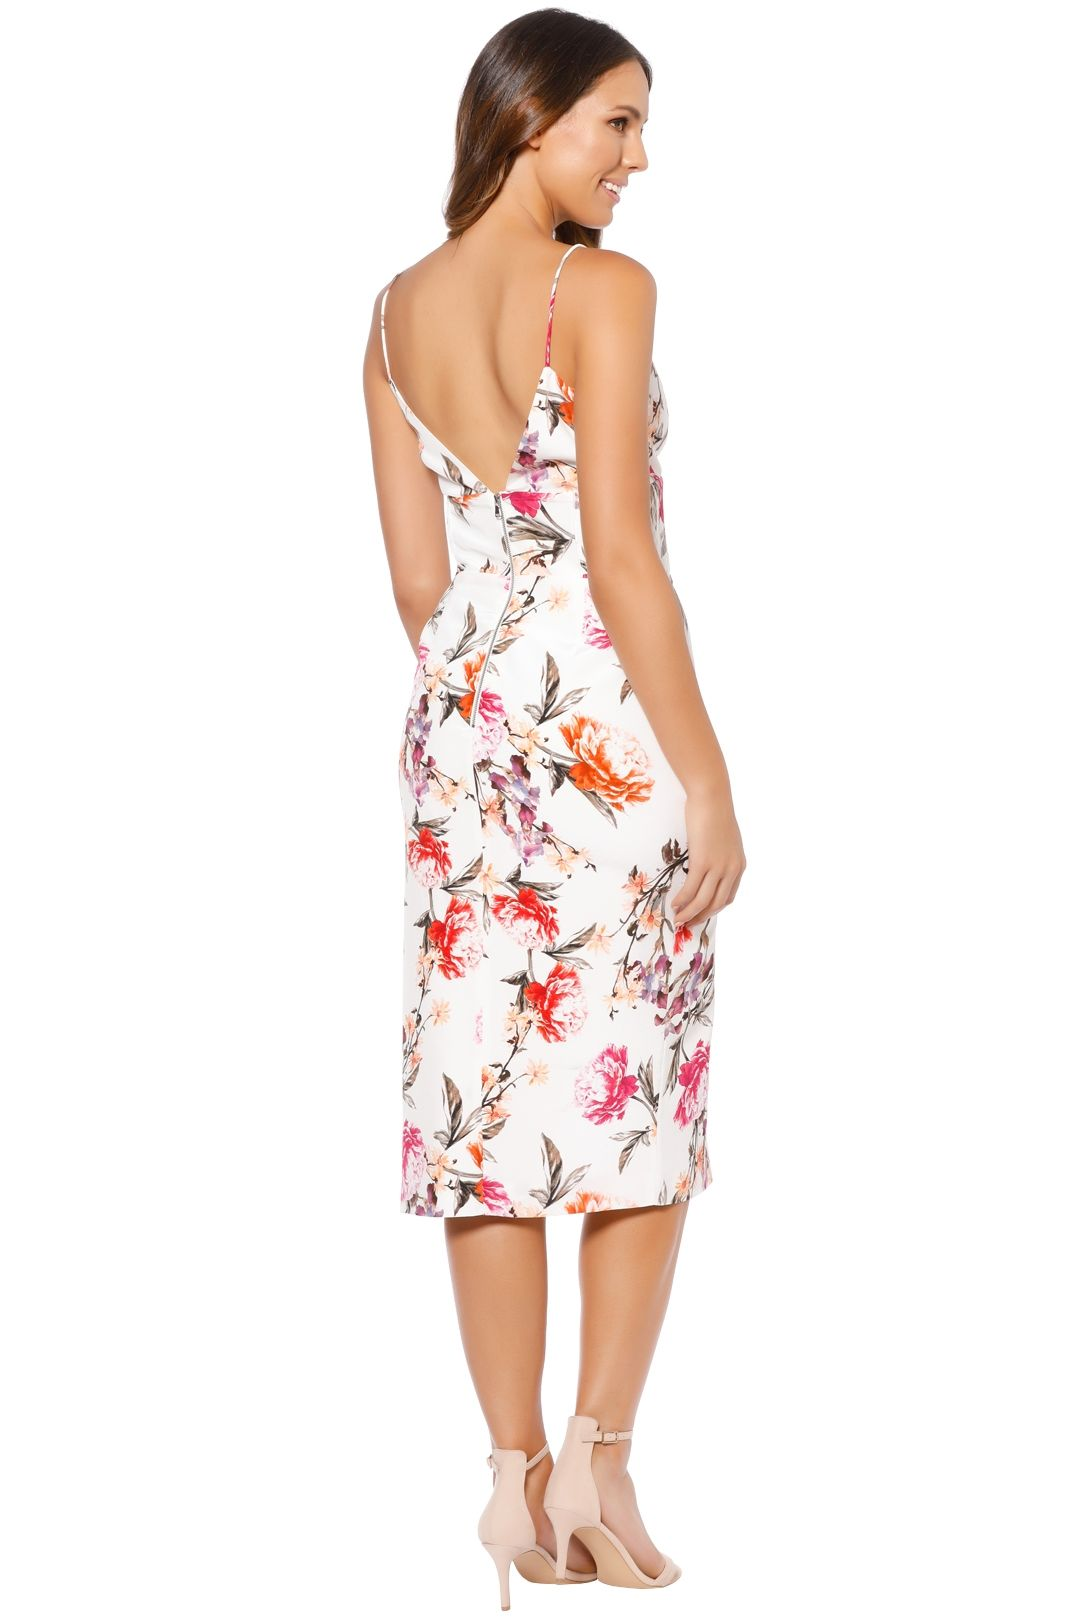 Nicholas - Lucile Floral Corset Bra Dress - Ivory - Back